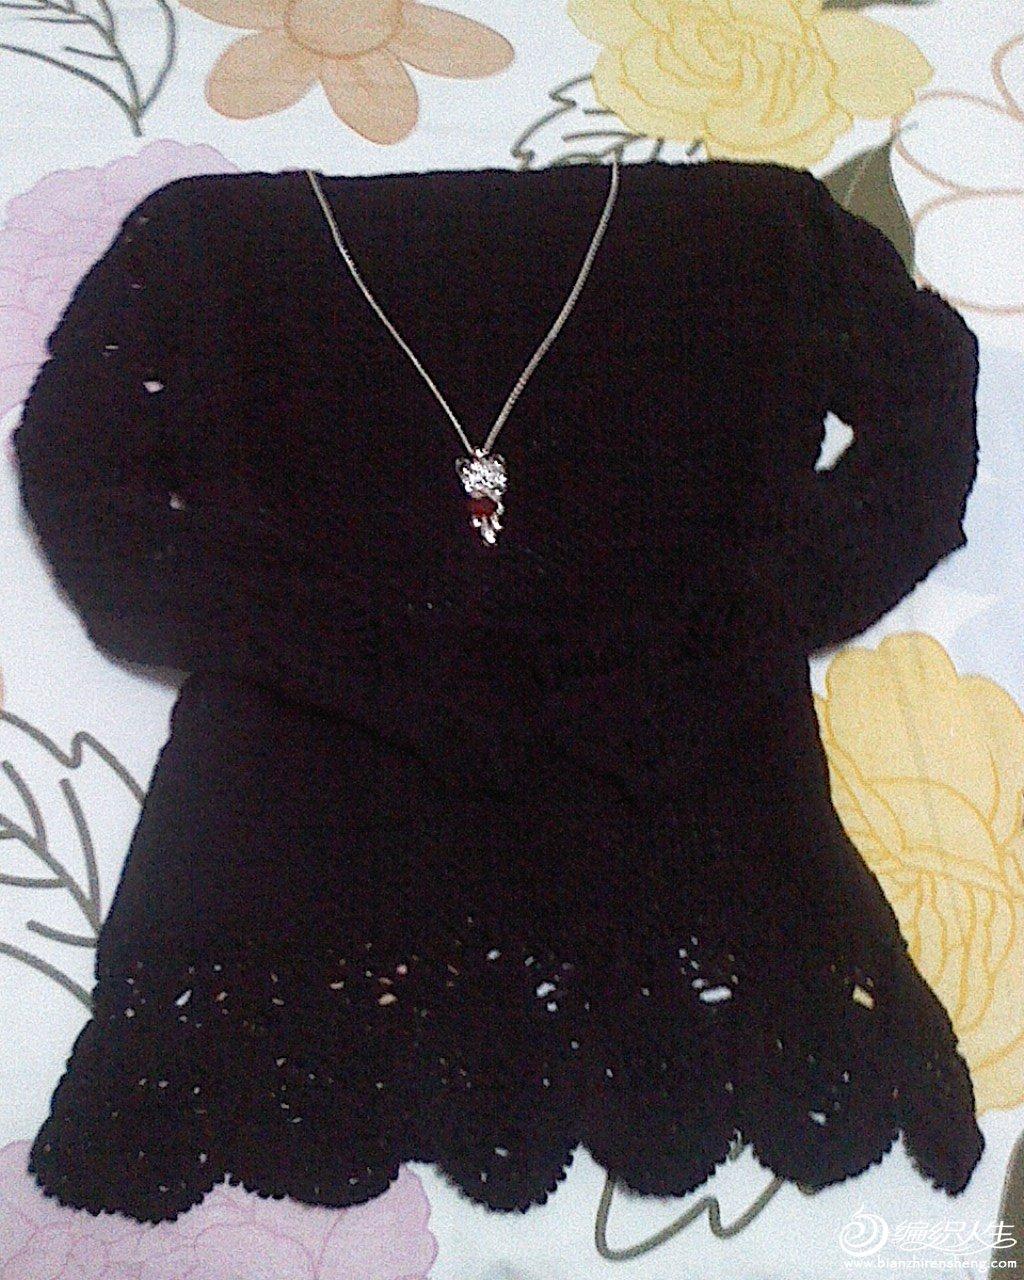 黑色菠萝花衣.jpg